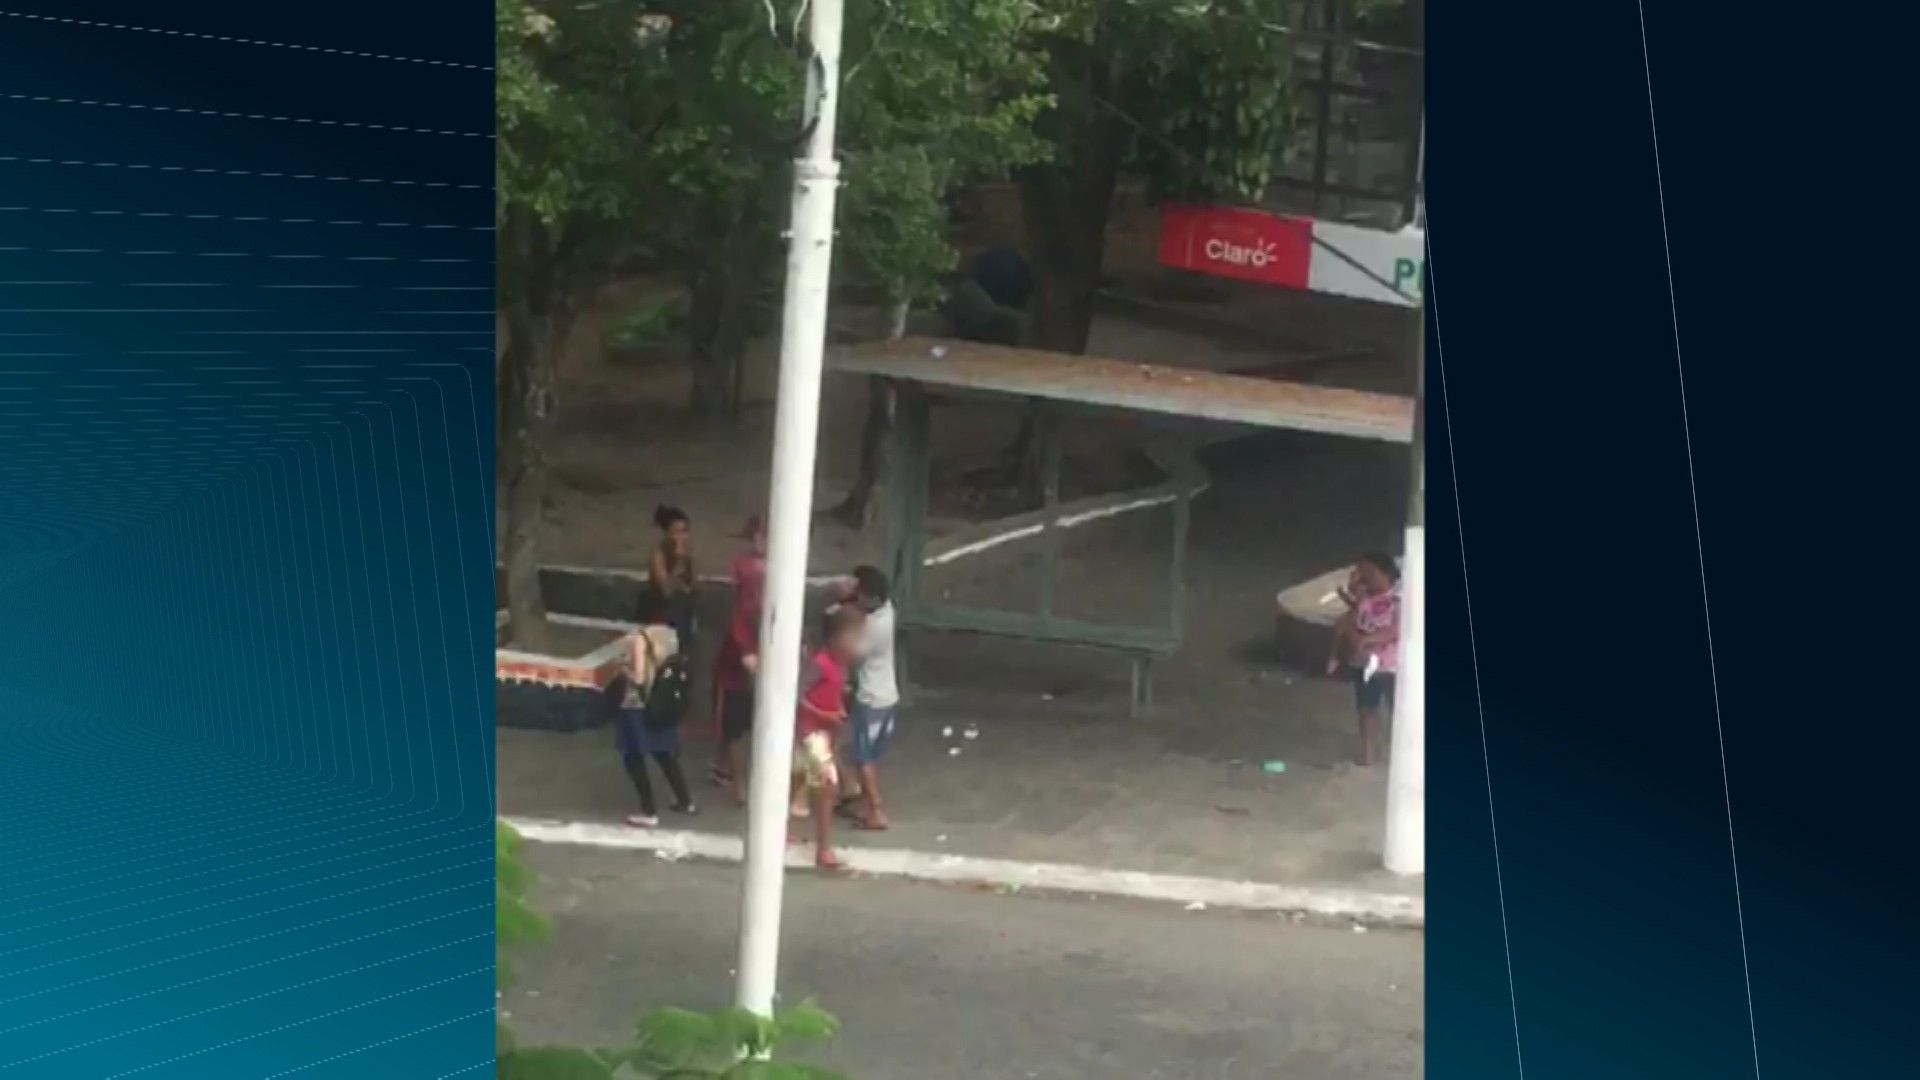 Vídeos mostram grupo praticando assaltos no Centro de Campina Grande  - Radio Evangelho Gospel